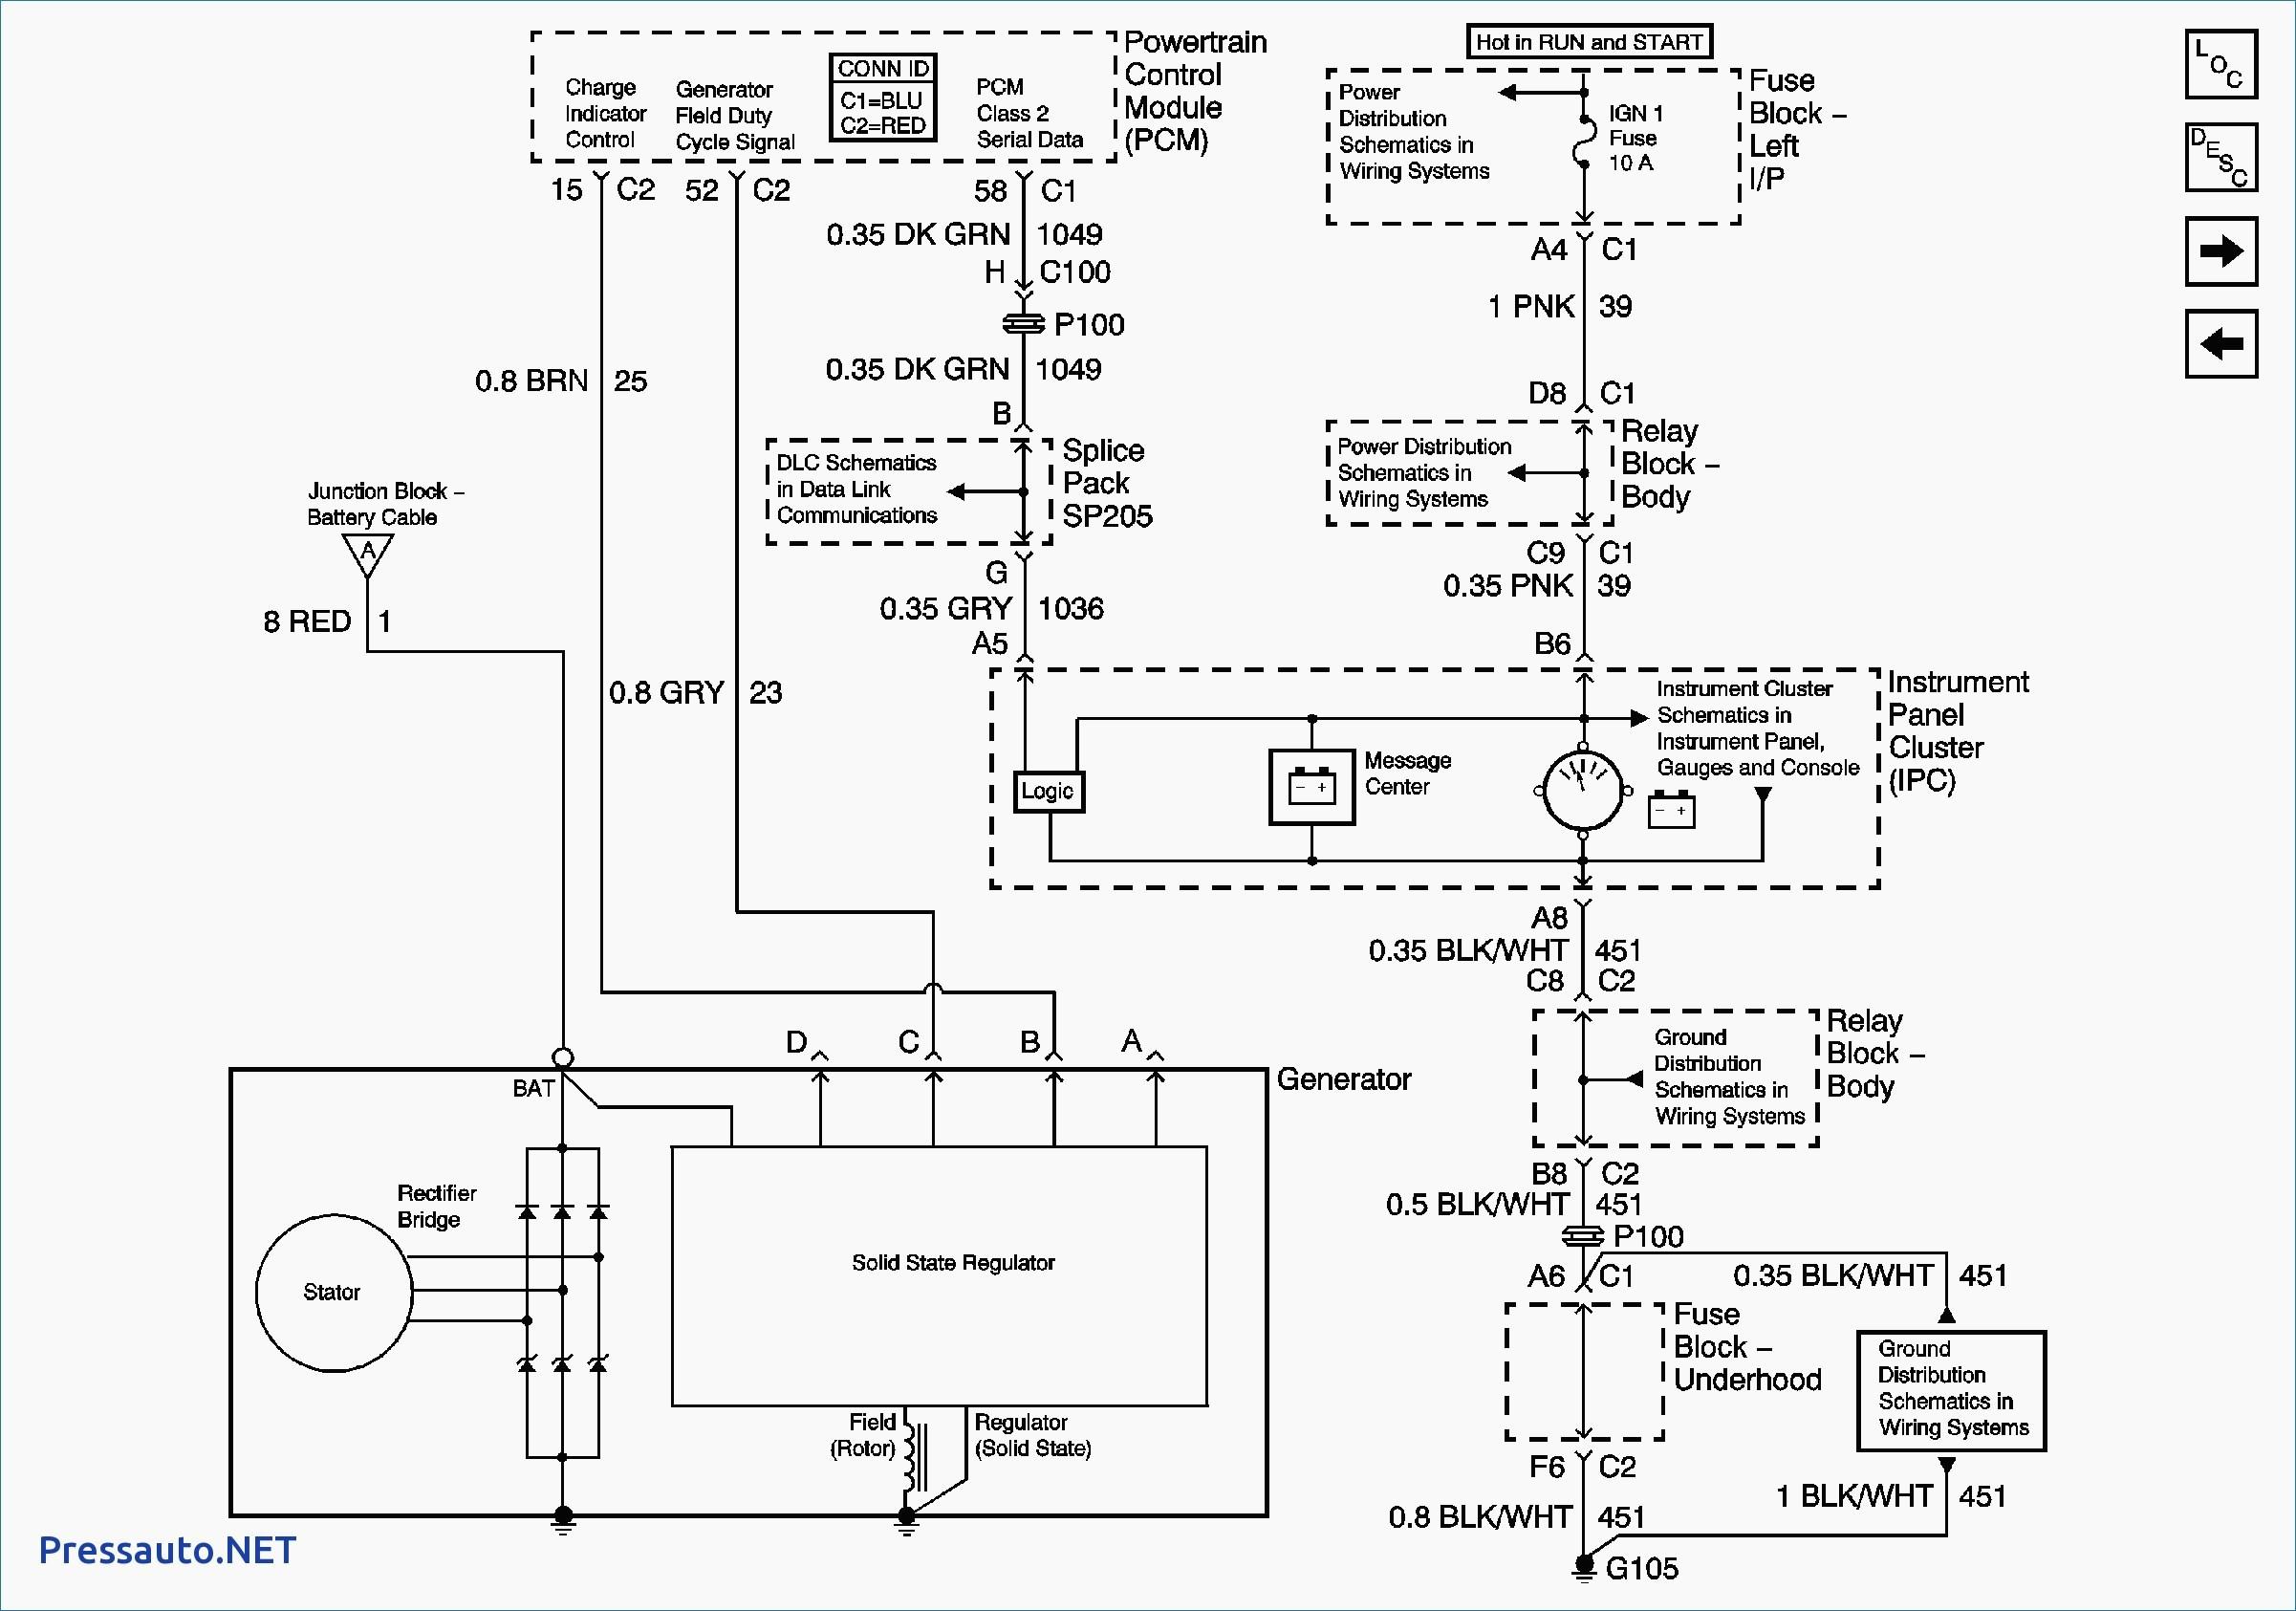 Chevy 350 2Wire Alternator Diagram | Wiring Diagram - Gm 2 Wire Alternator Wiring Diagram